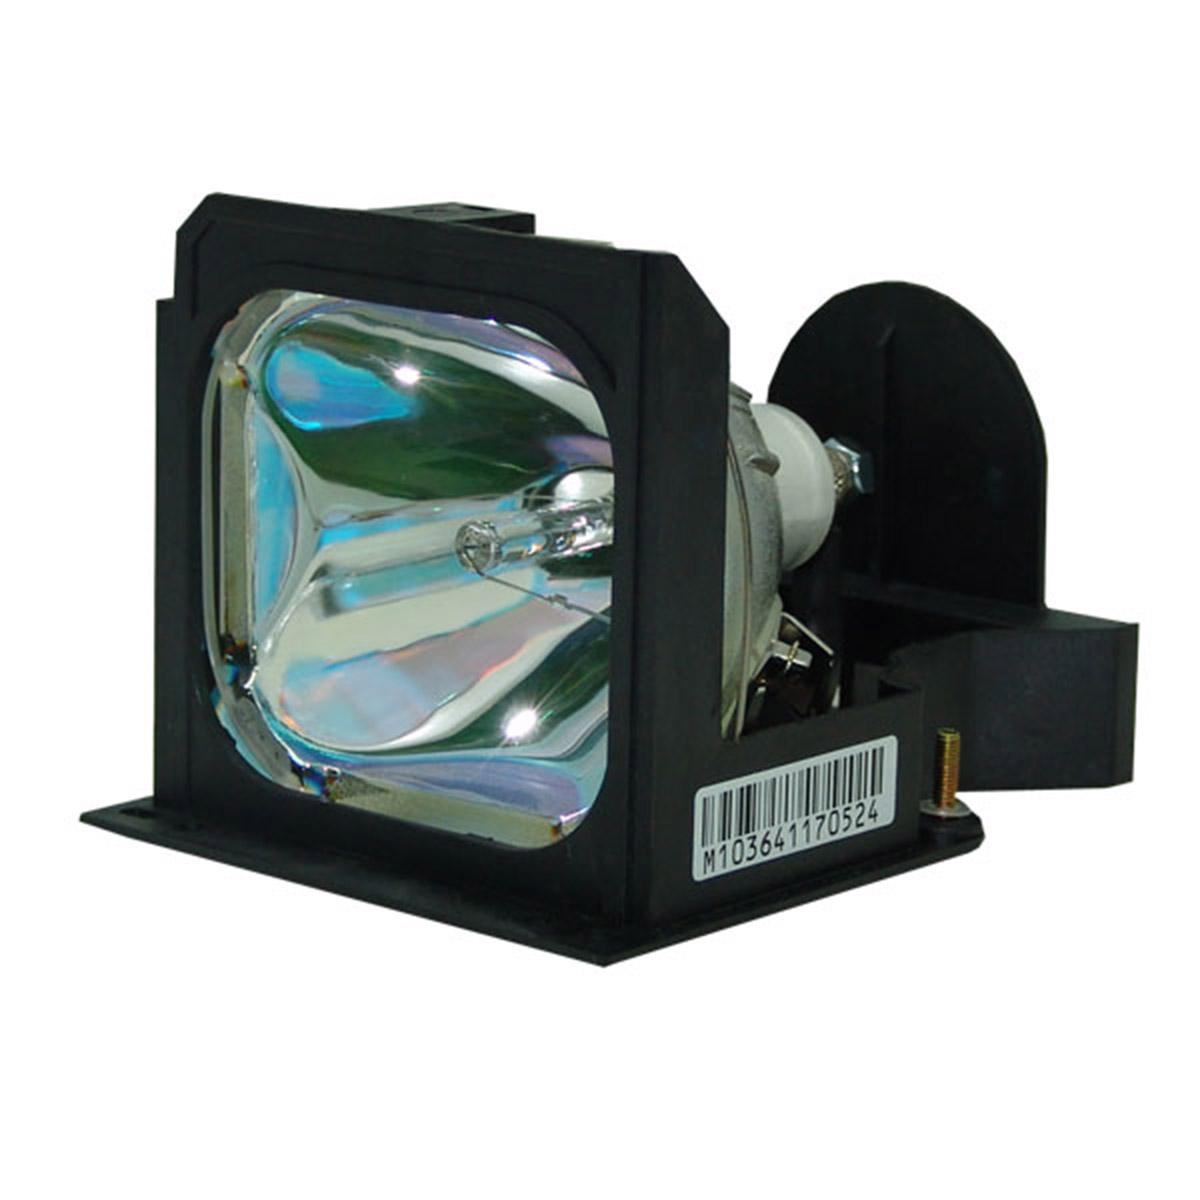 Saville AV REPLMP072 FP Lamp